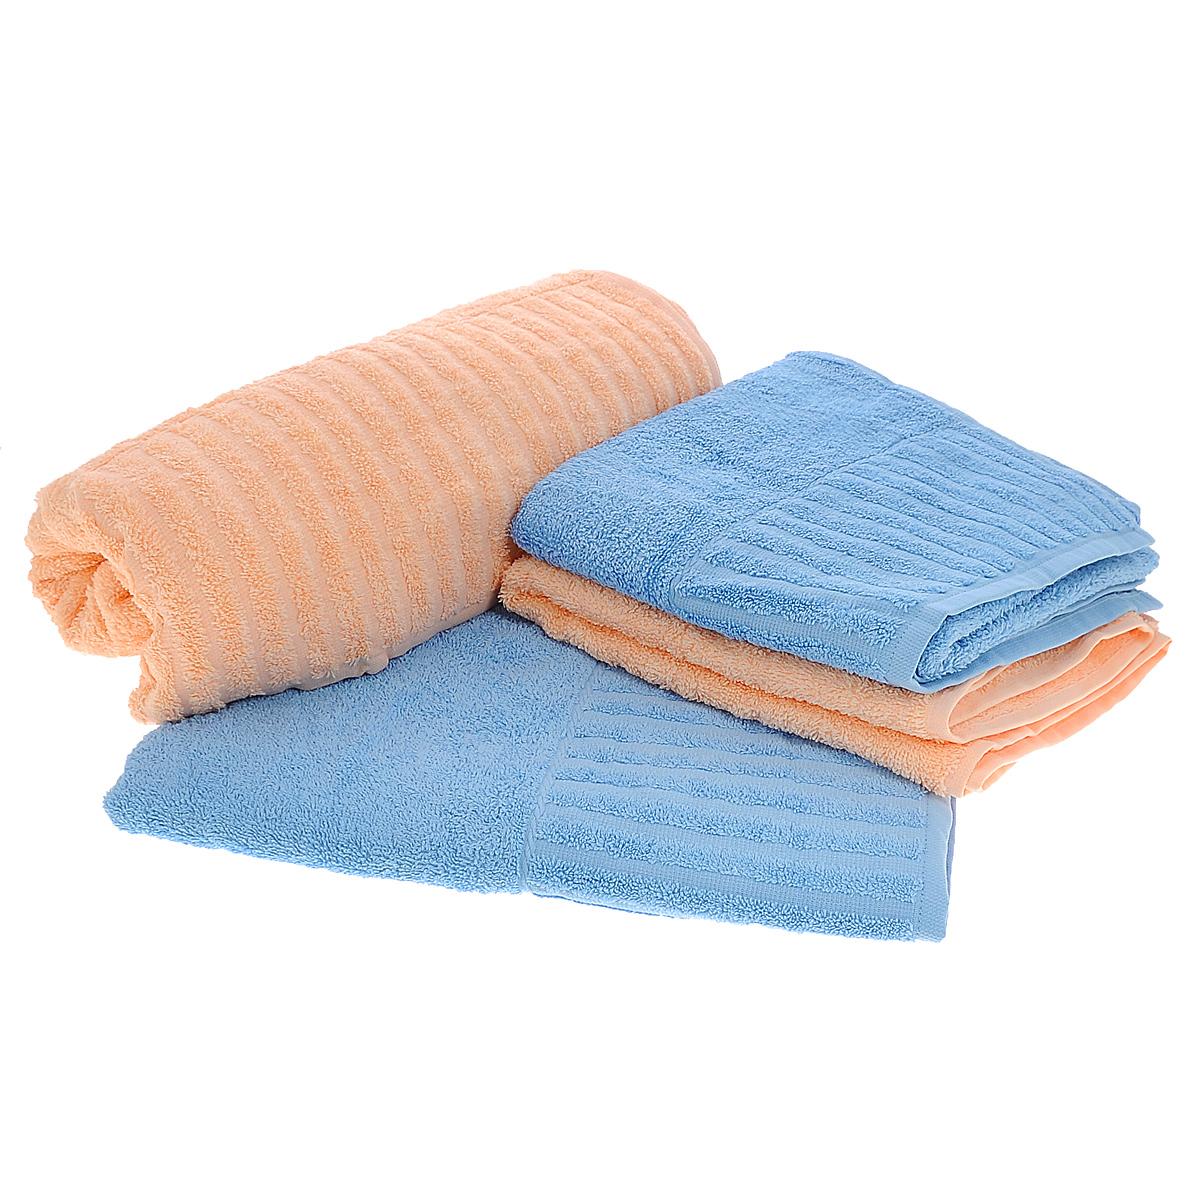 Набор полотенец Bonita, цвет: голубой, персиковый, 4 шт391602Набор Bonita состоит из 2 комплектов по 2 полотенца разных размеров и цветов, выполненных из натурального хлопка. Такие полотенца отлично впитывают влагу, быстро сохнут, сохраняют яркость цвета и не теряют формы даже после многократных стирок. Полотенца очень практичны и неприхотливы в уходе. Размер полотенец: 50 х 90 см; 70 х 140 см.